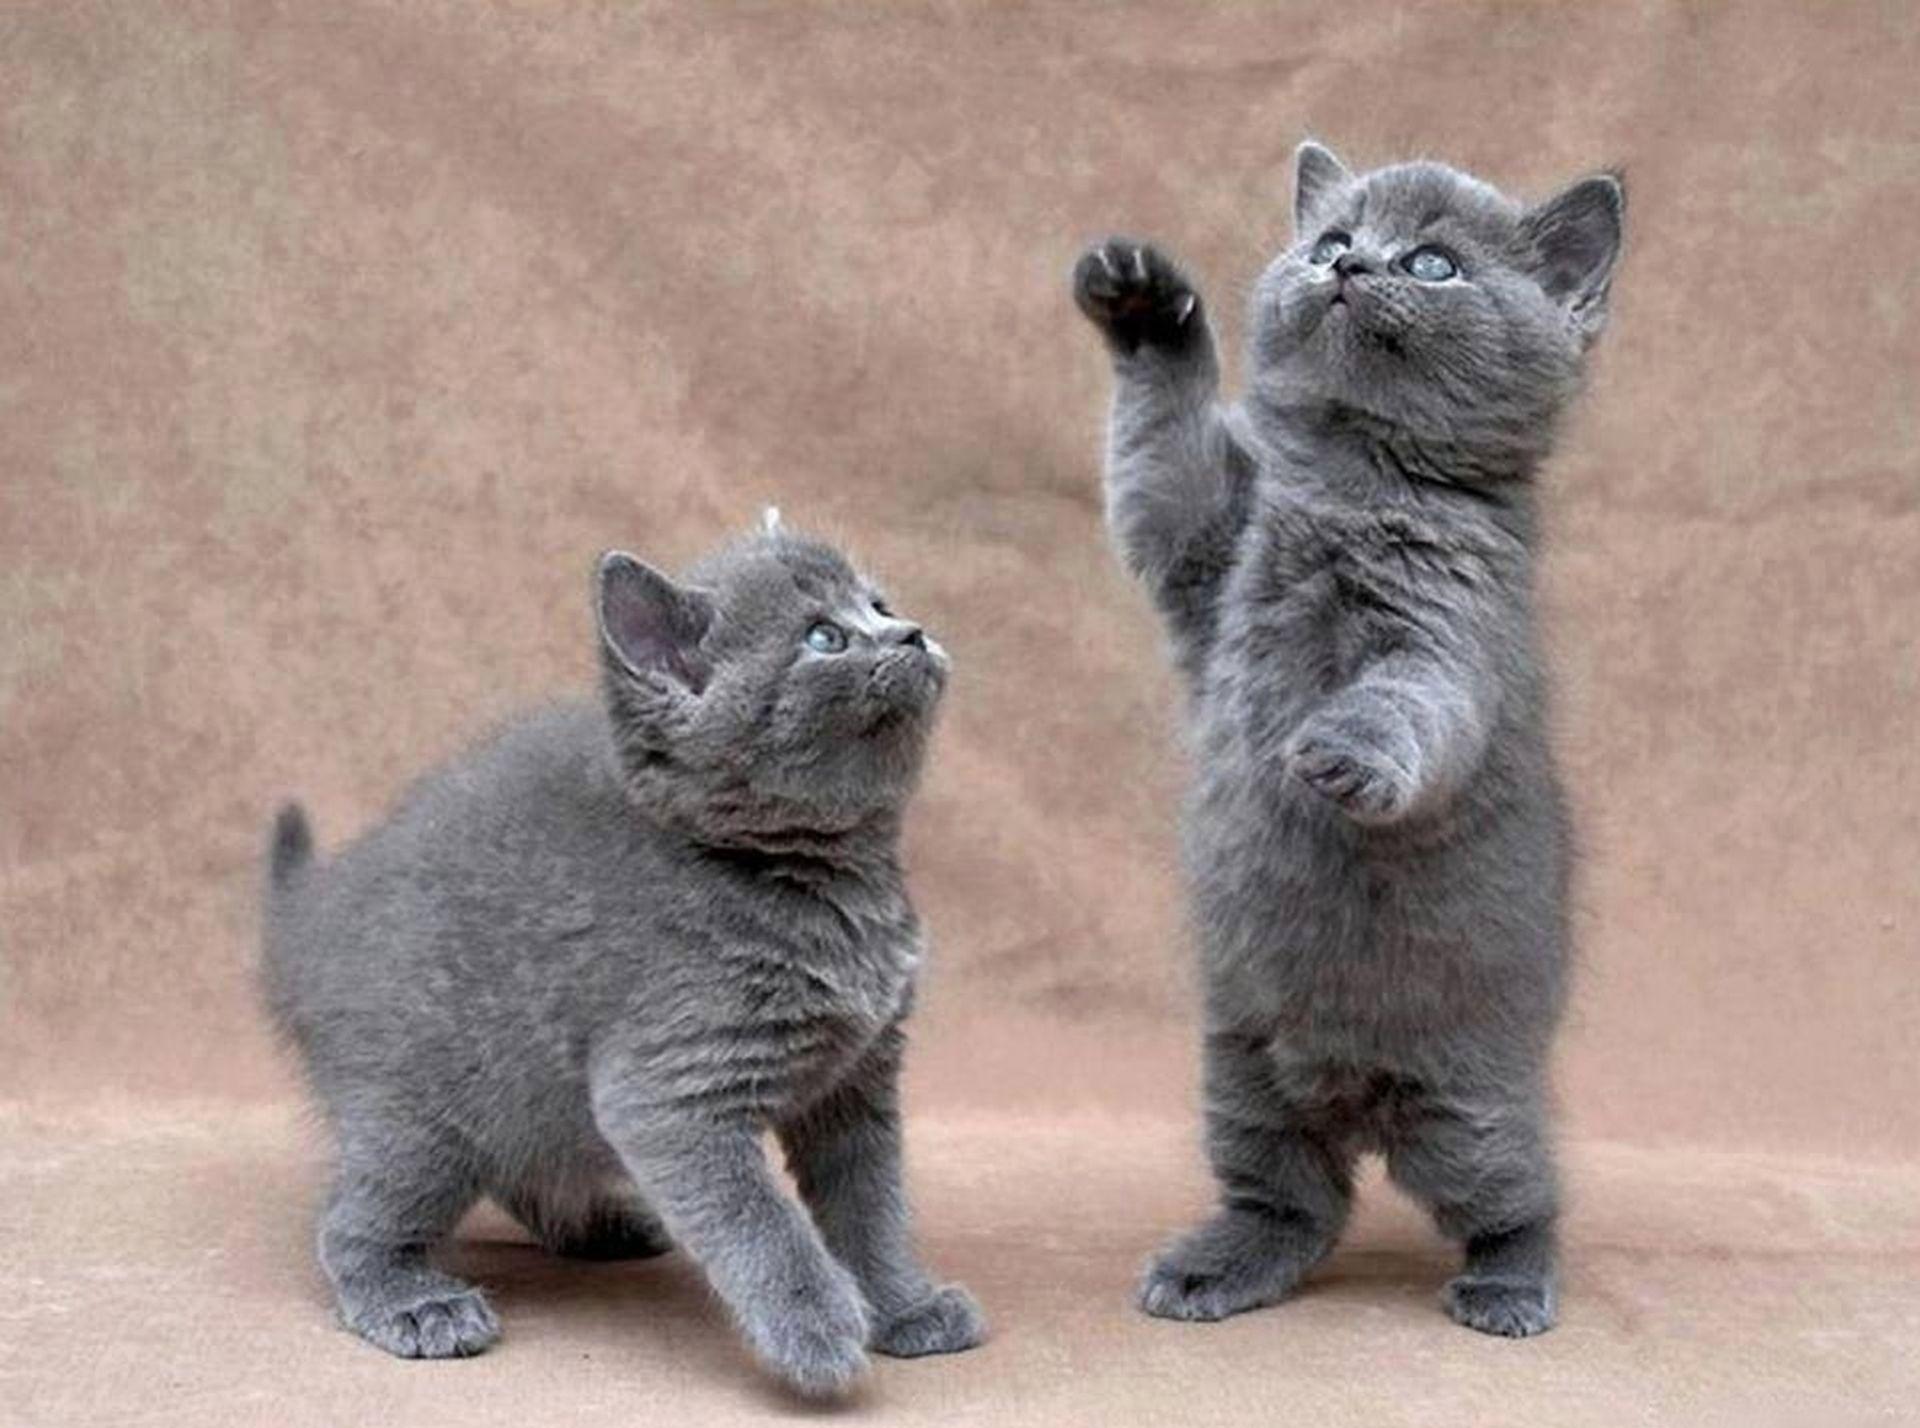 Картинки с разными кошками и надписями, мультяшные картинки